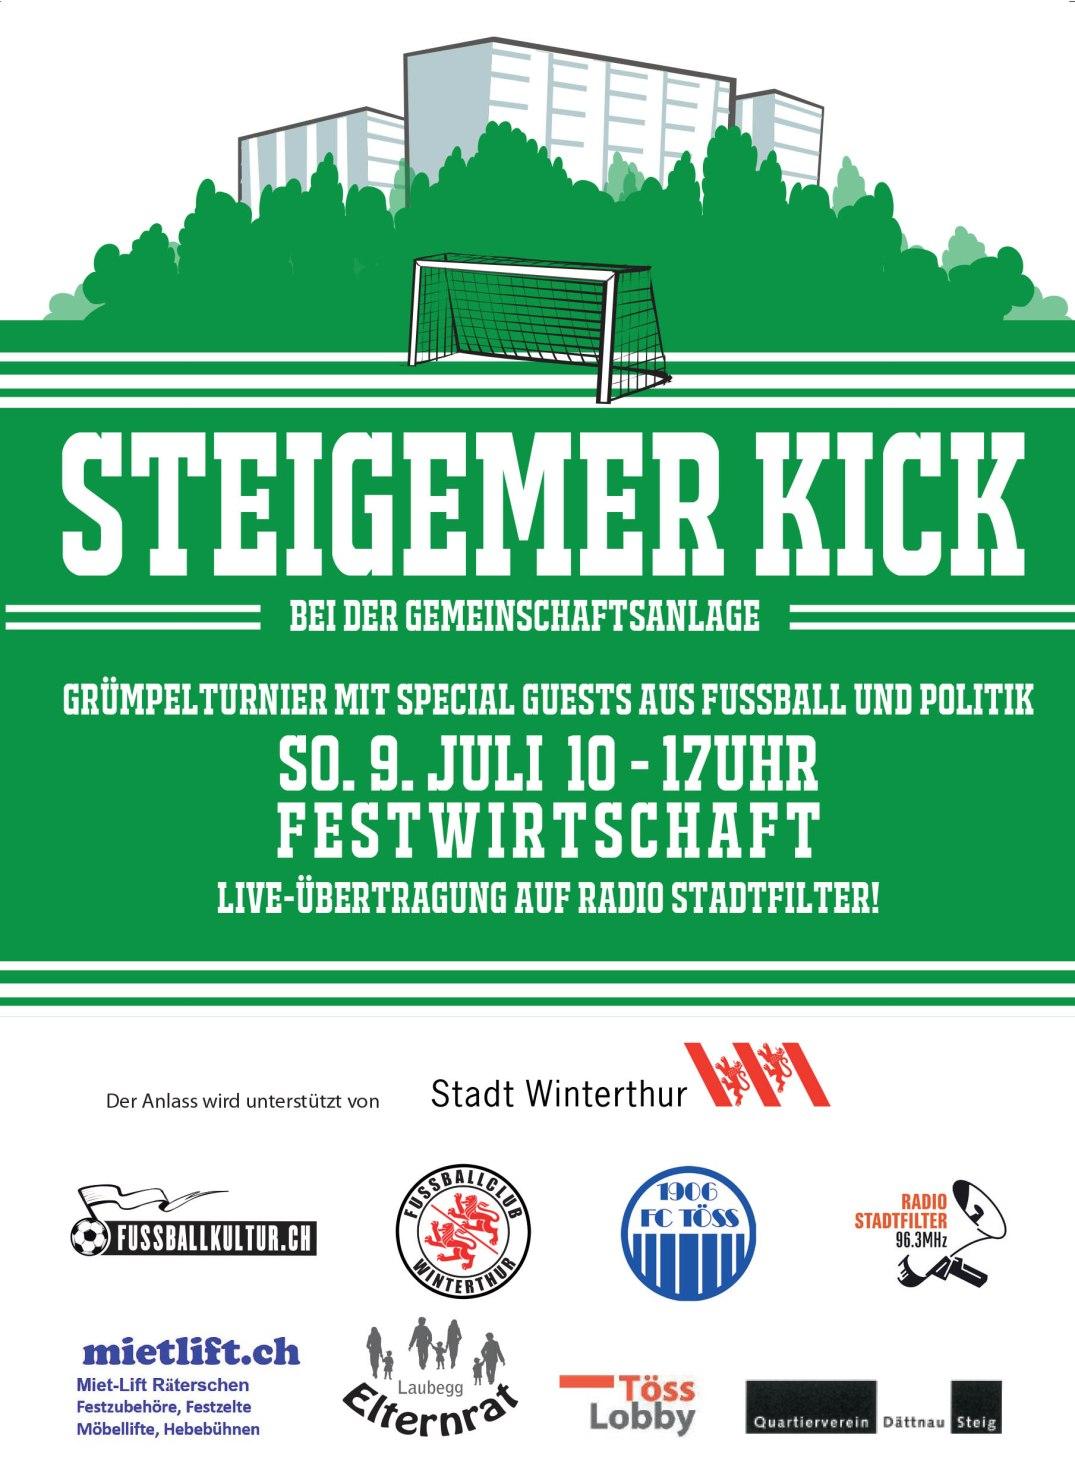 steigemer_kick_fertig